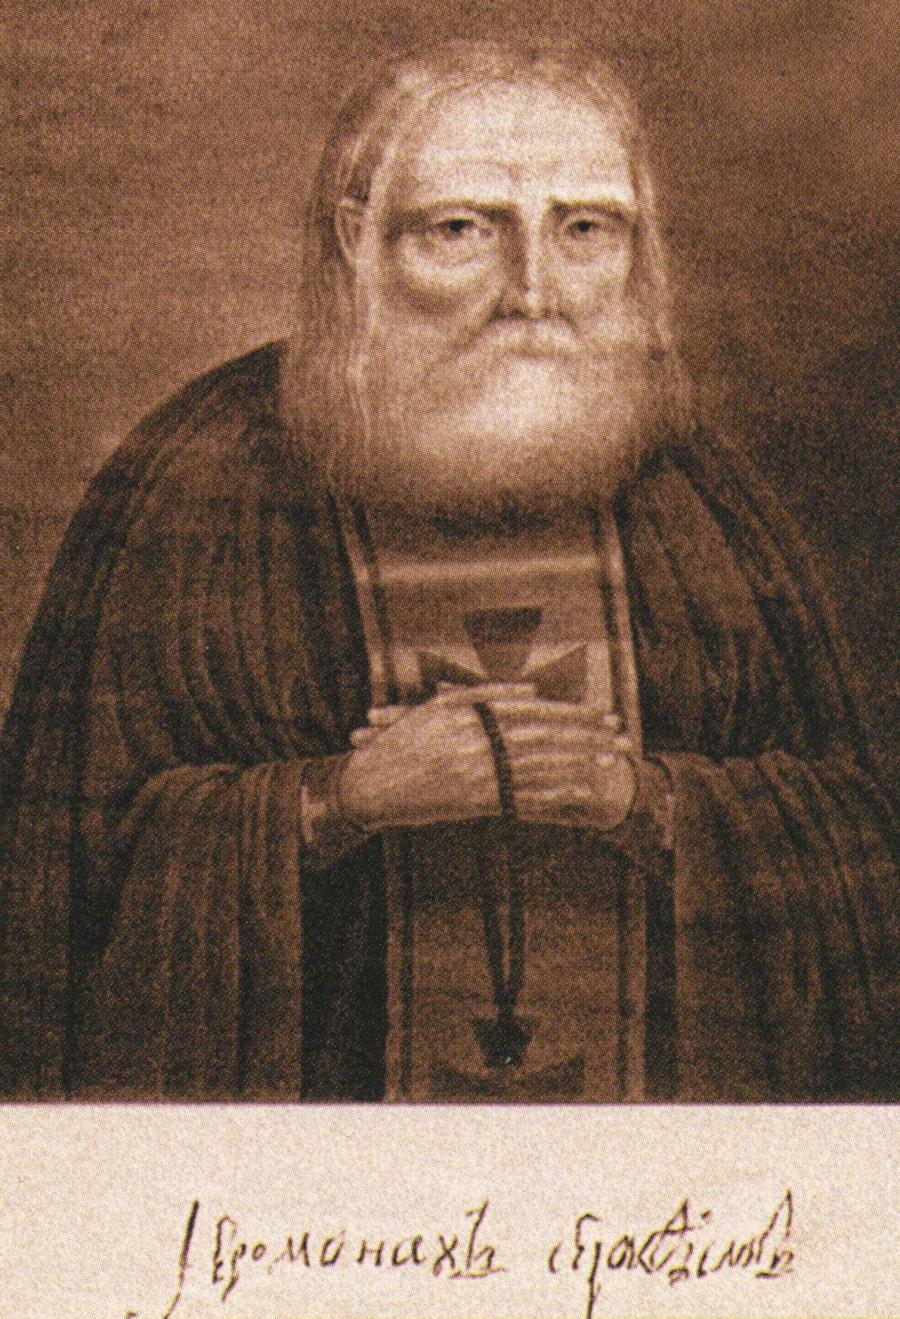 Прижизненный портрет Серафима Саровского кисти художника Д. Евстафьева и автограф святого